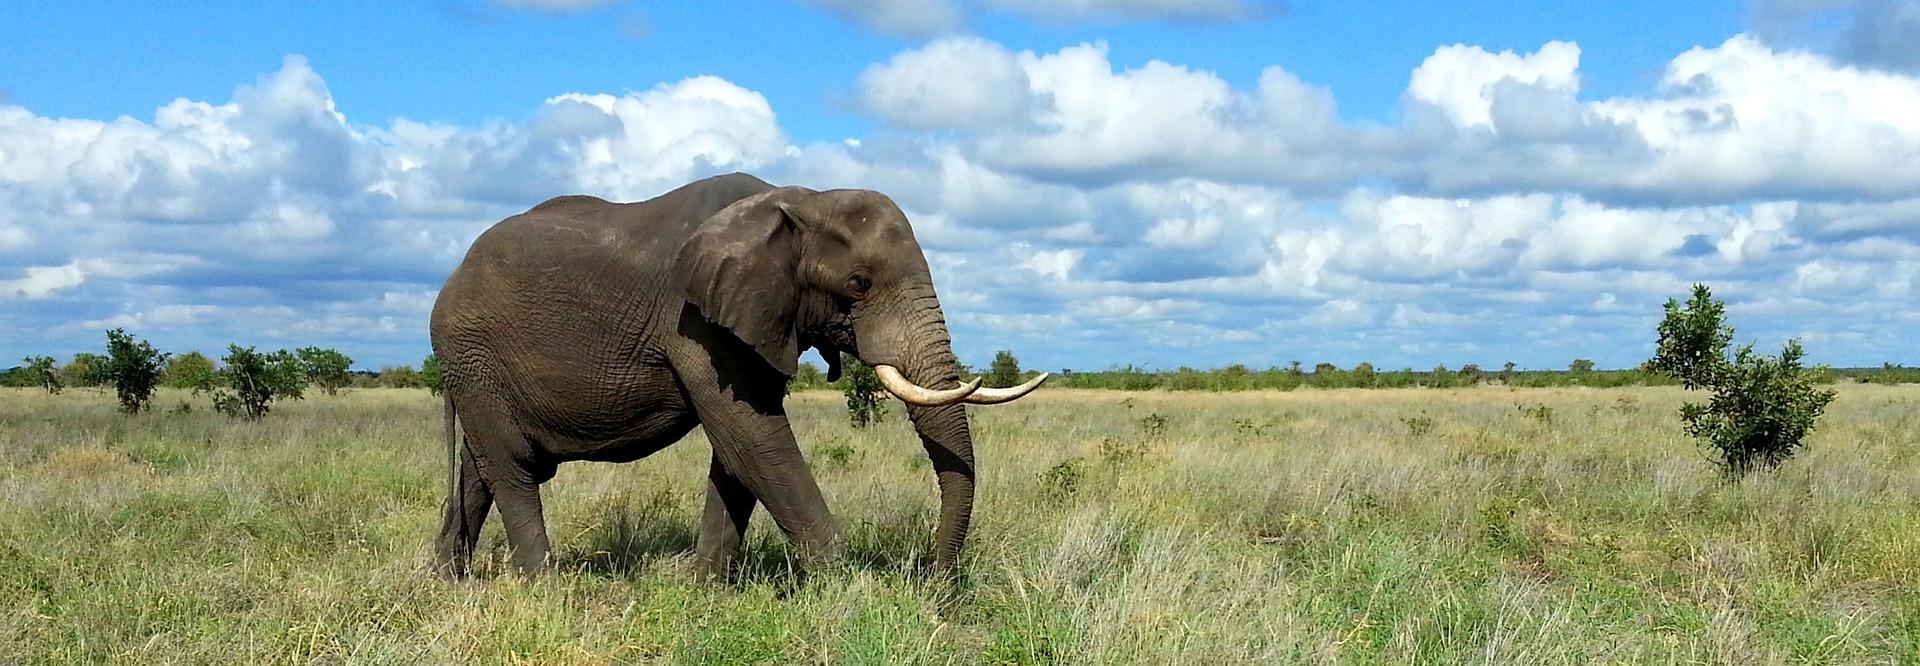 An elephant walks across the savanna